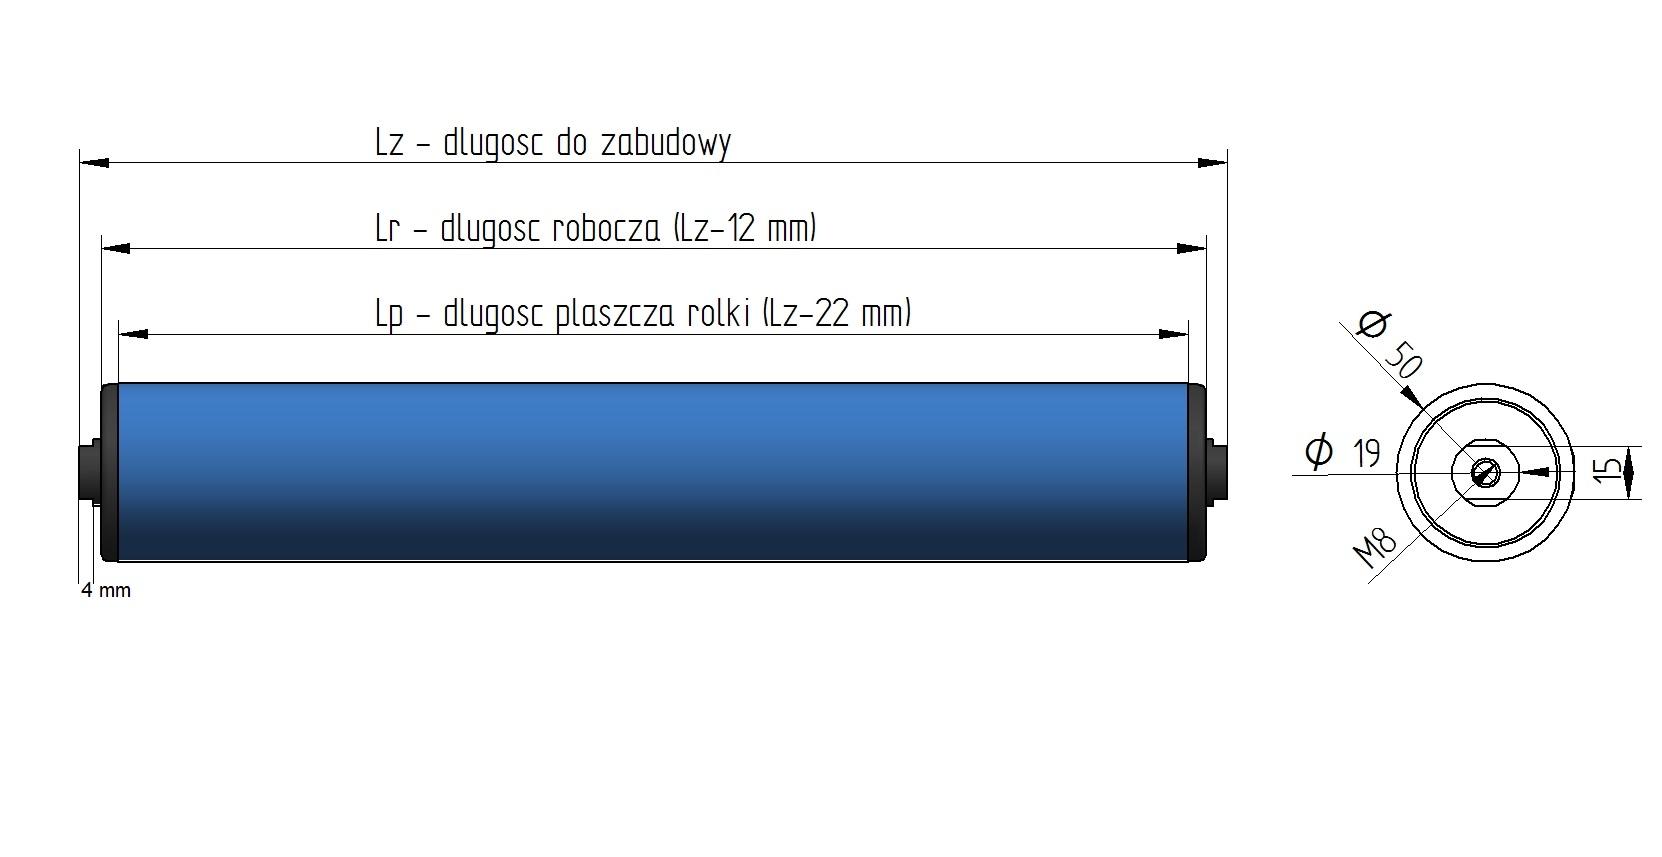 Rolka tworzywowa nb 50x2 8 m8 d ugo 300mm for Ecksofa 2 50x2 00